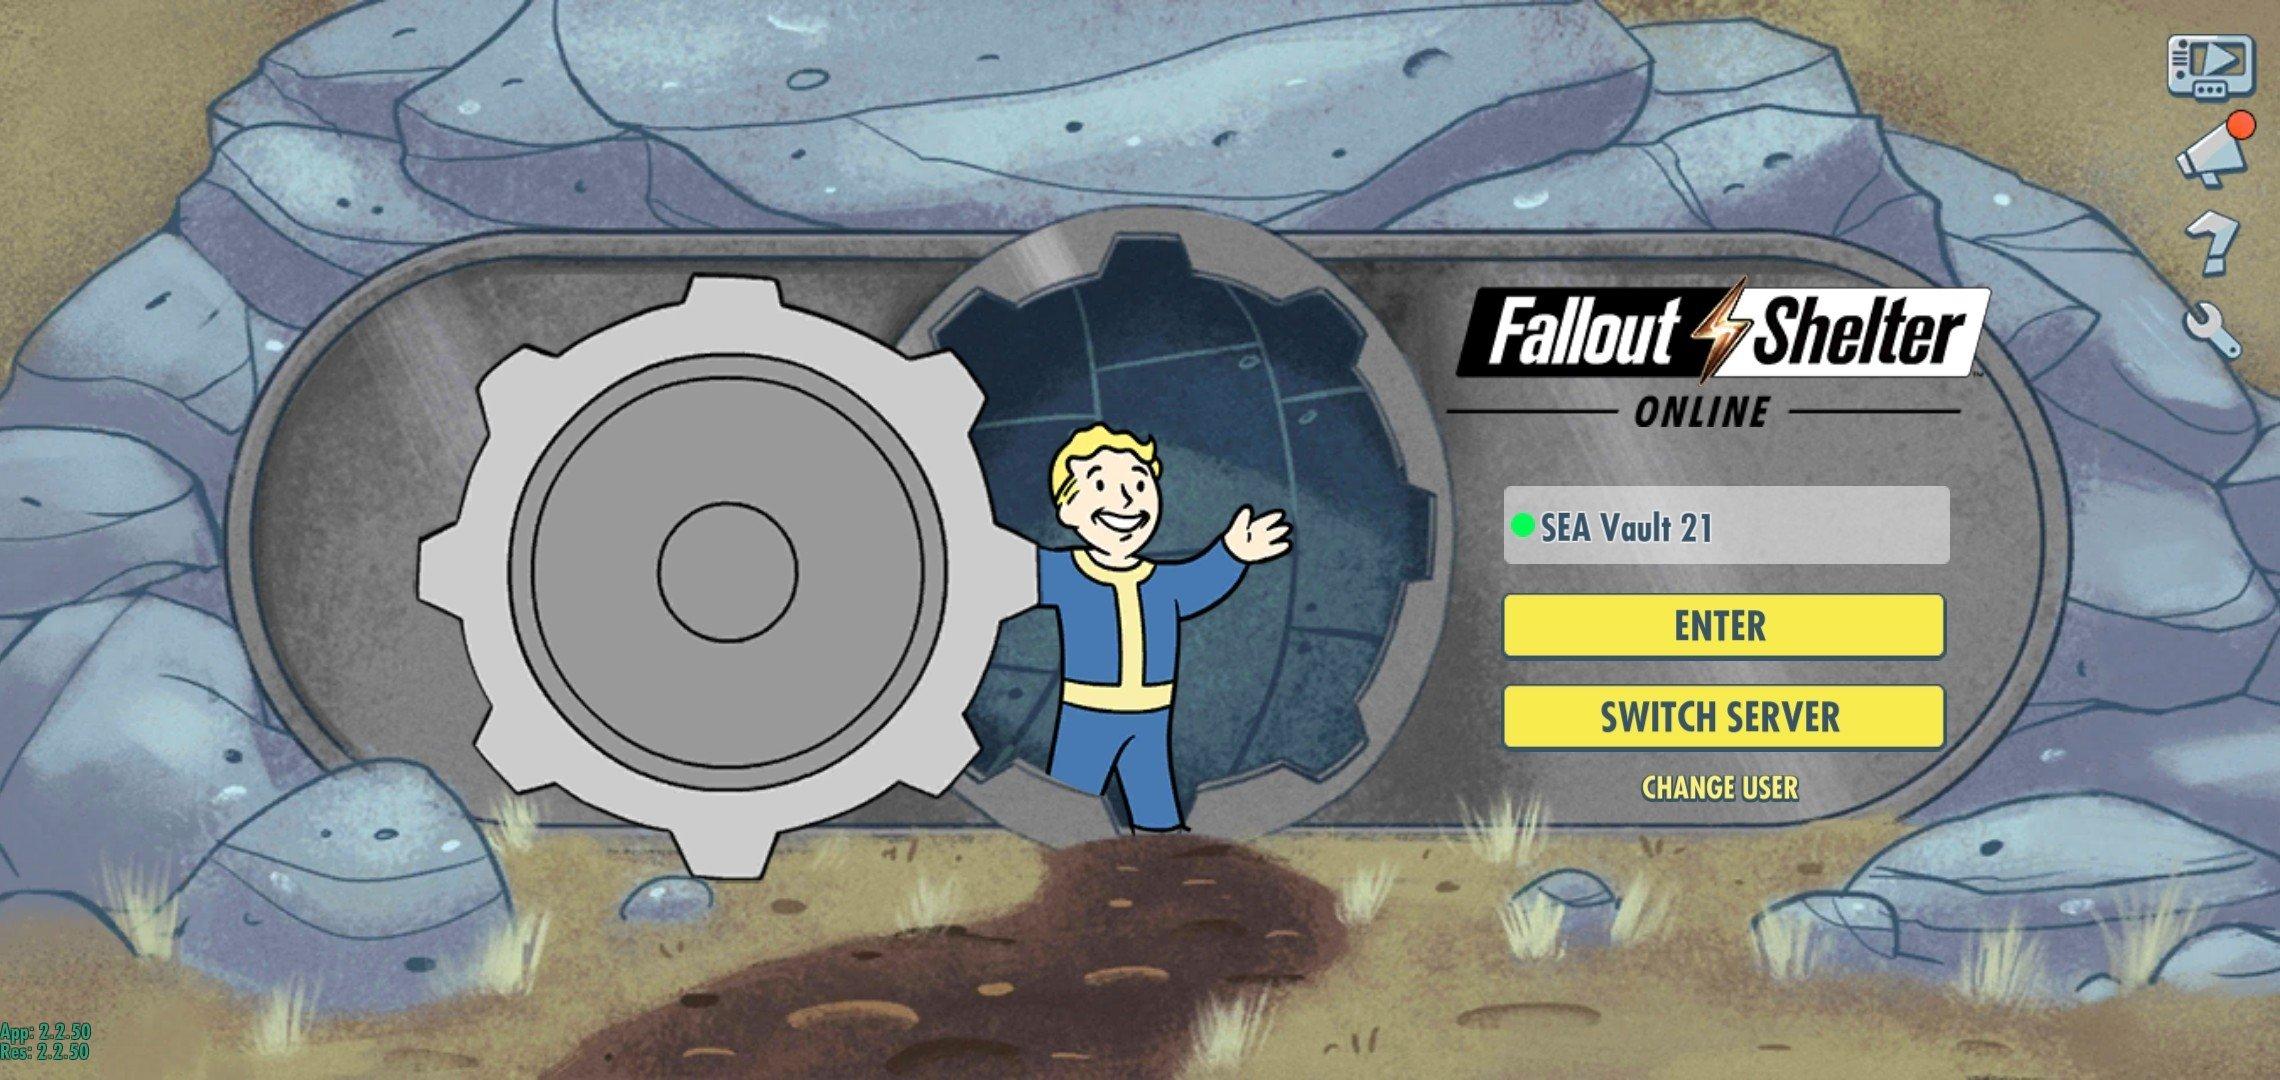 アウト オンライン フォール シェルター 【FSO】おすすめのアタッチメントと注目装備!【Fallout Shelter